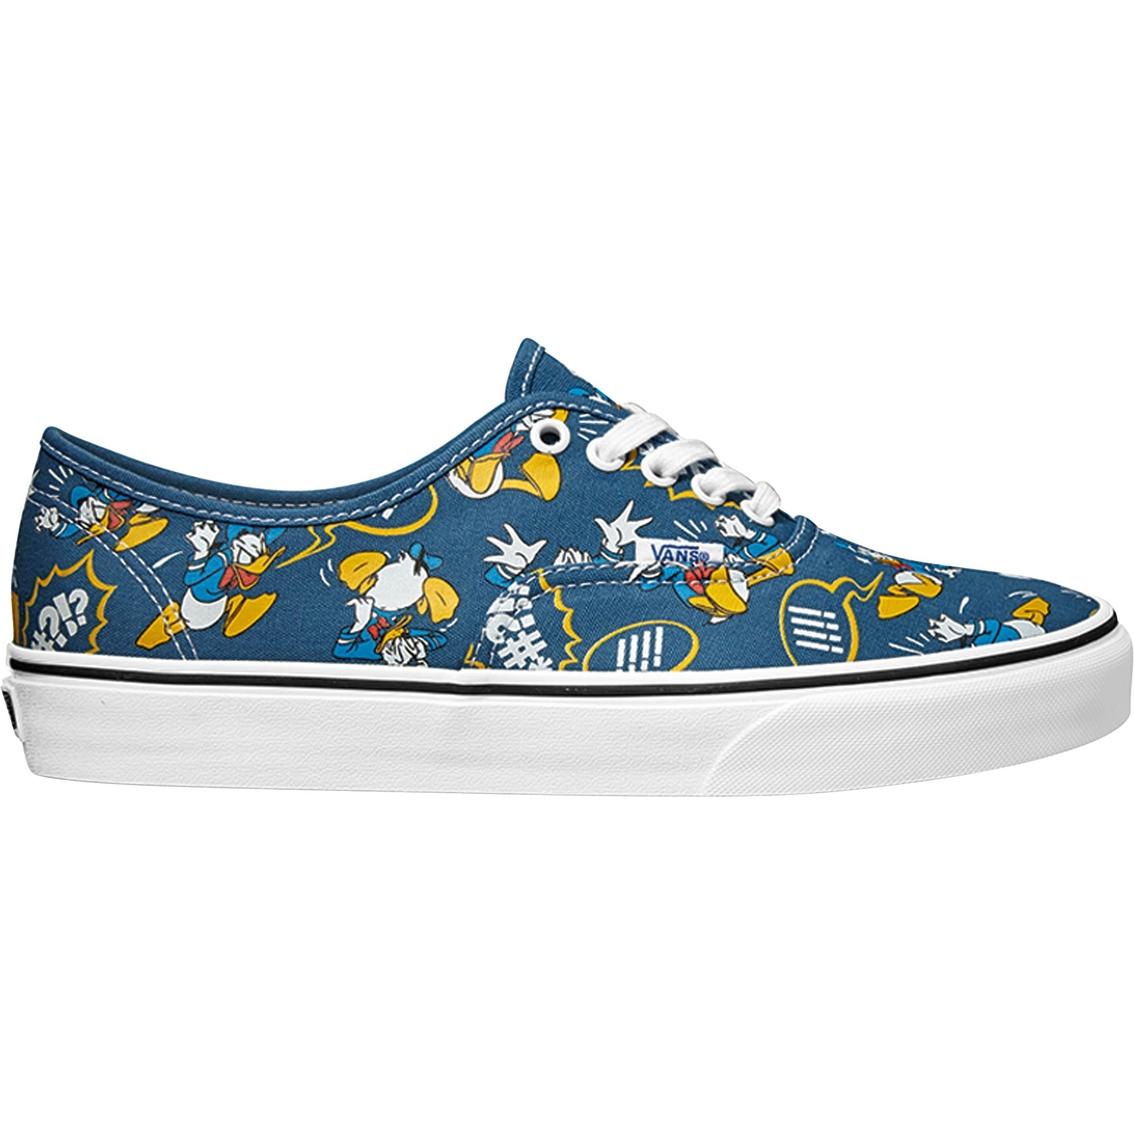 1c6388a7c0 Vans Men s Donald Duck Disney Authentic Shoes